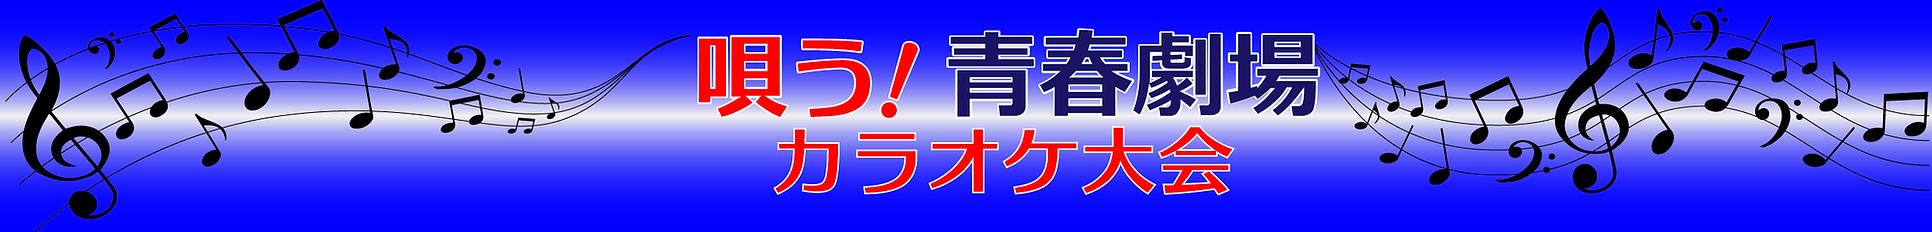 ロゴカラオケ.png